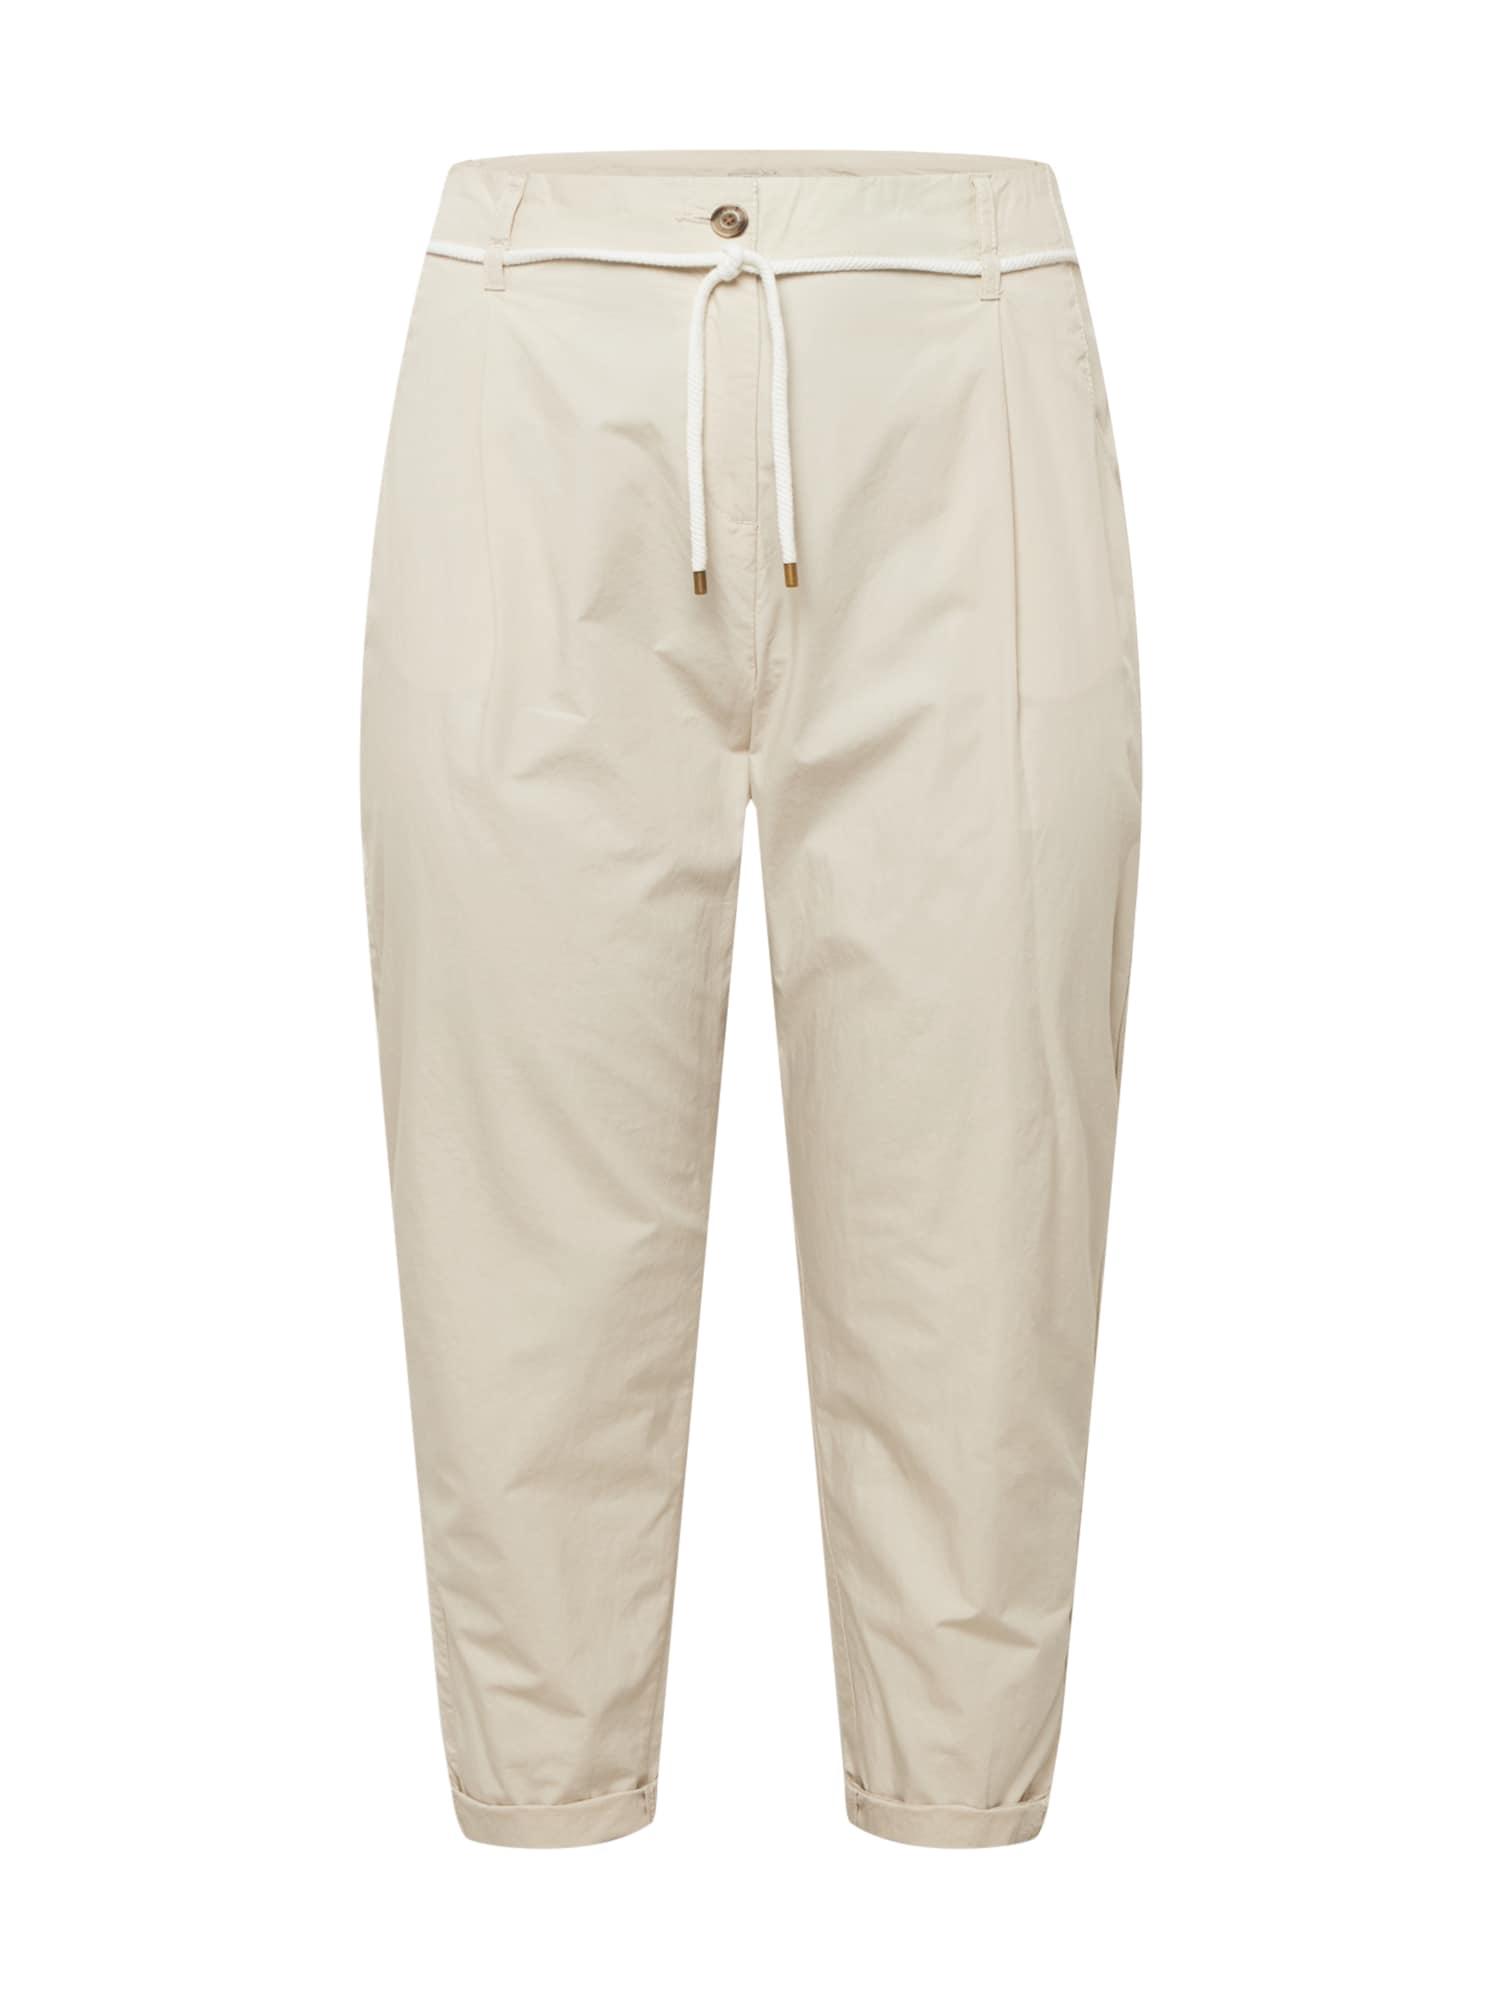 Esprit Curves Klostuotos kelnės gelsvai pilka spalva